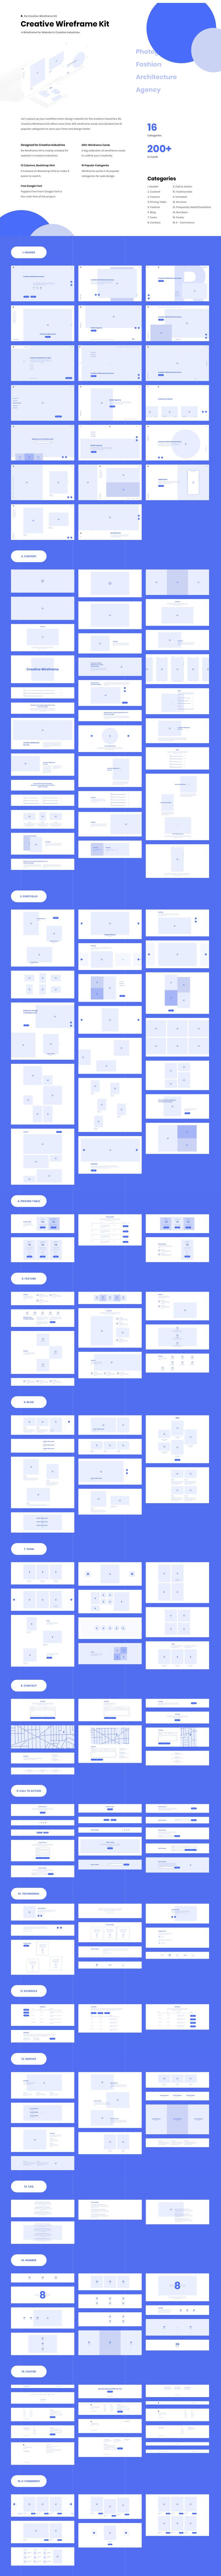 规范完美的有创意的网站设计交互线框图[Sketch]